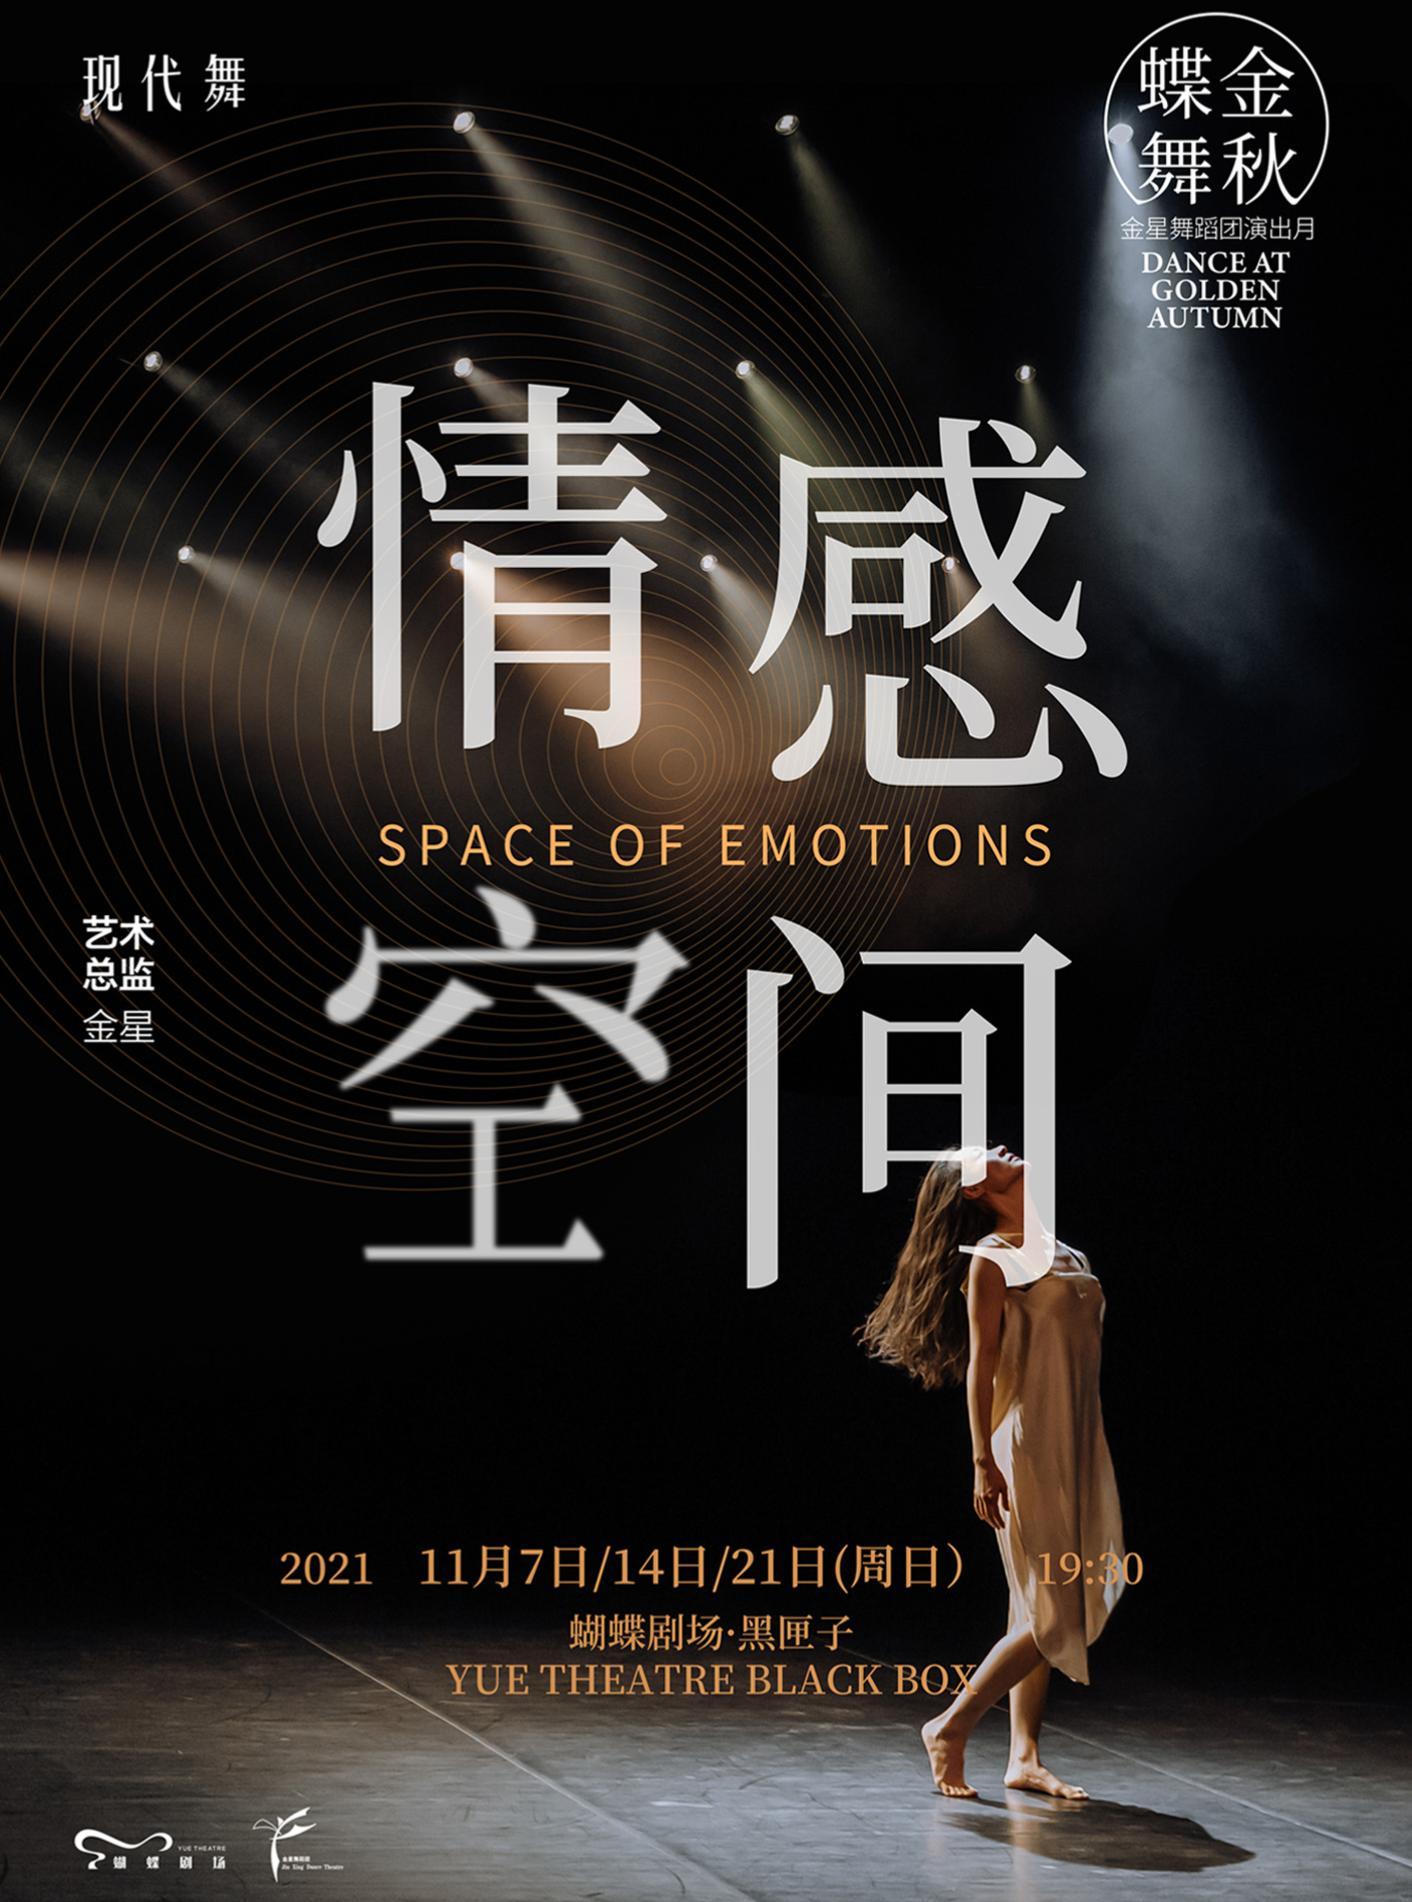 金星舞蹈团现代舞《情感空间》